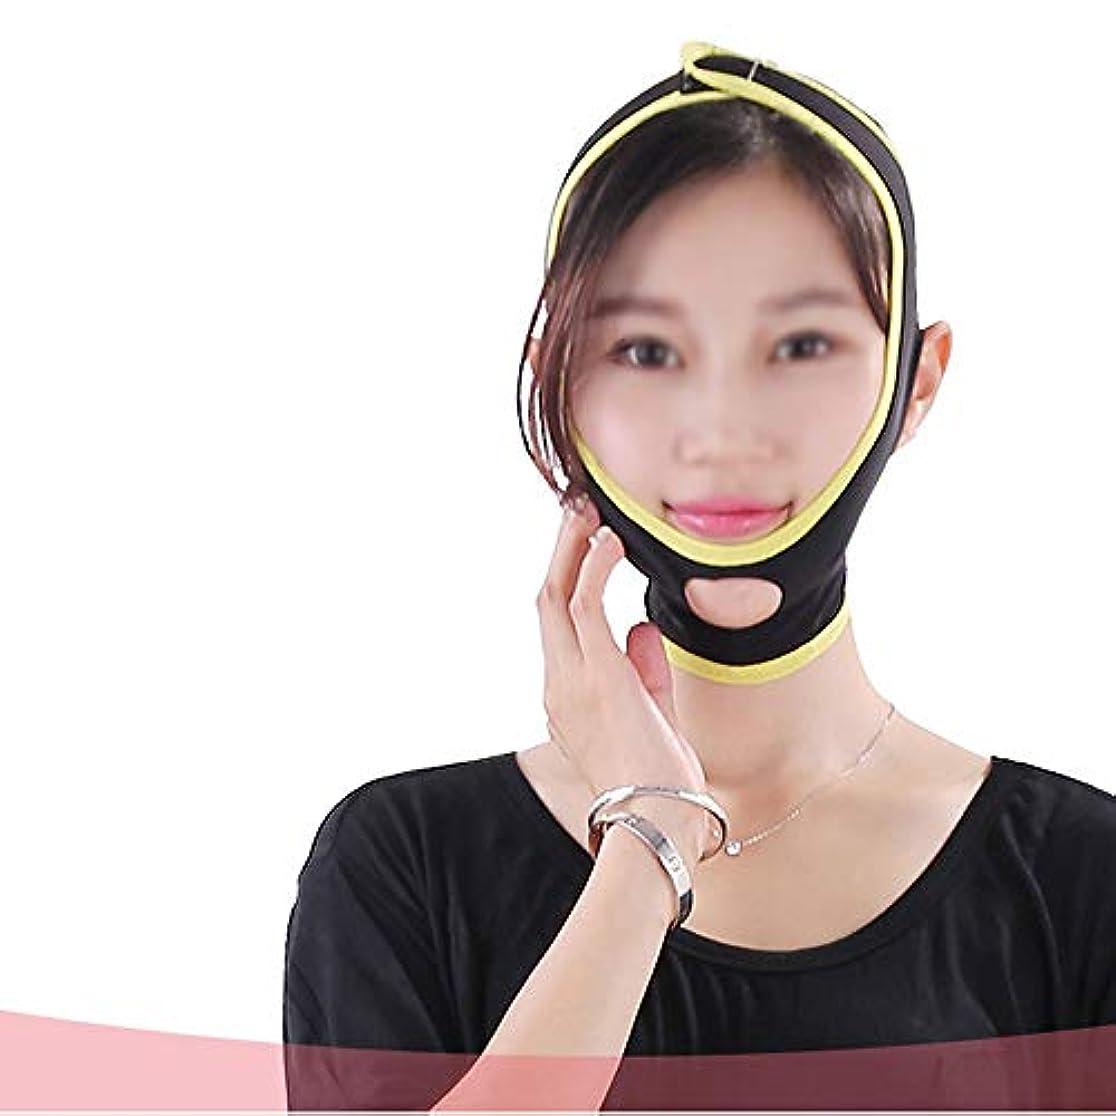 風邪をひくポスト印象派支配するTLMY 薄い顔包帯通気性睡眠小さいVフェイスマスクリフティング引き締め肌アーティファクトは二重あご顔の減量包帯を減らす 顔用整形マスク (Size : L)